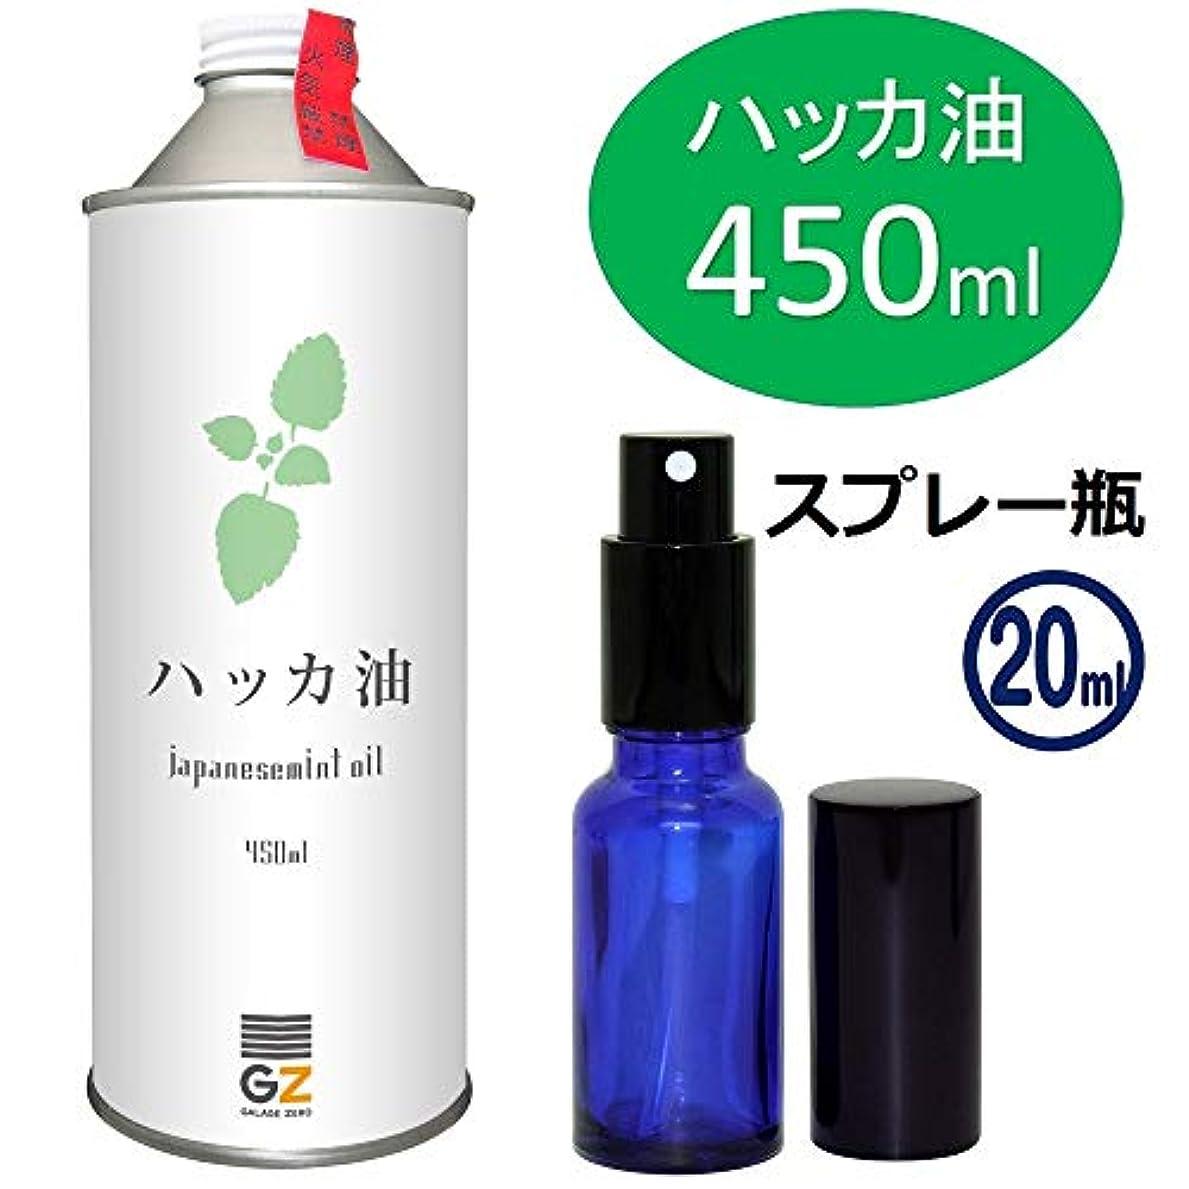 未払い製造業モンゴメリーガレージ?ゼロ ハッカ油 450ml(GZAK13)+ガラス瓶 スプレーボトル20ml/和種薄荷/ジャパニーズミント GSE534